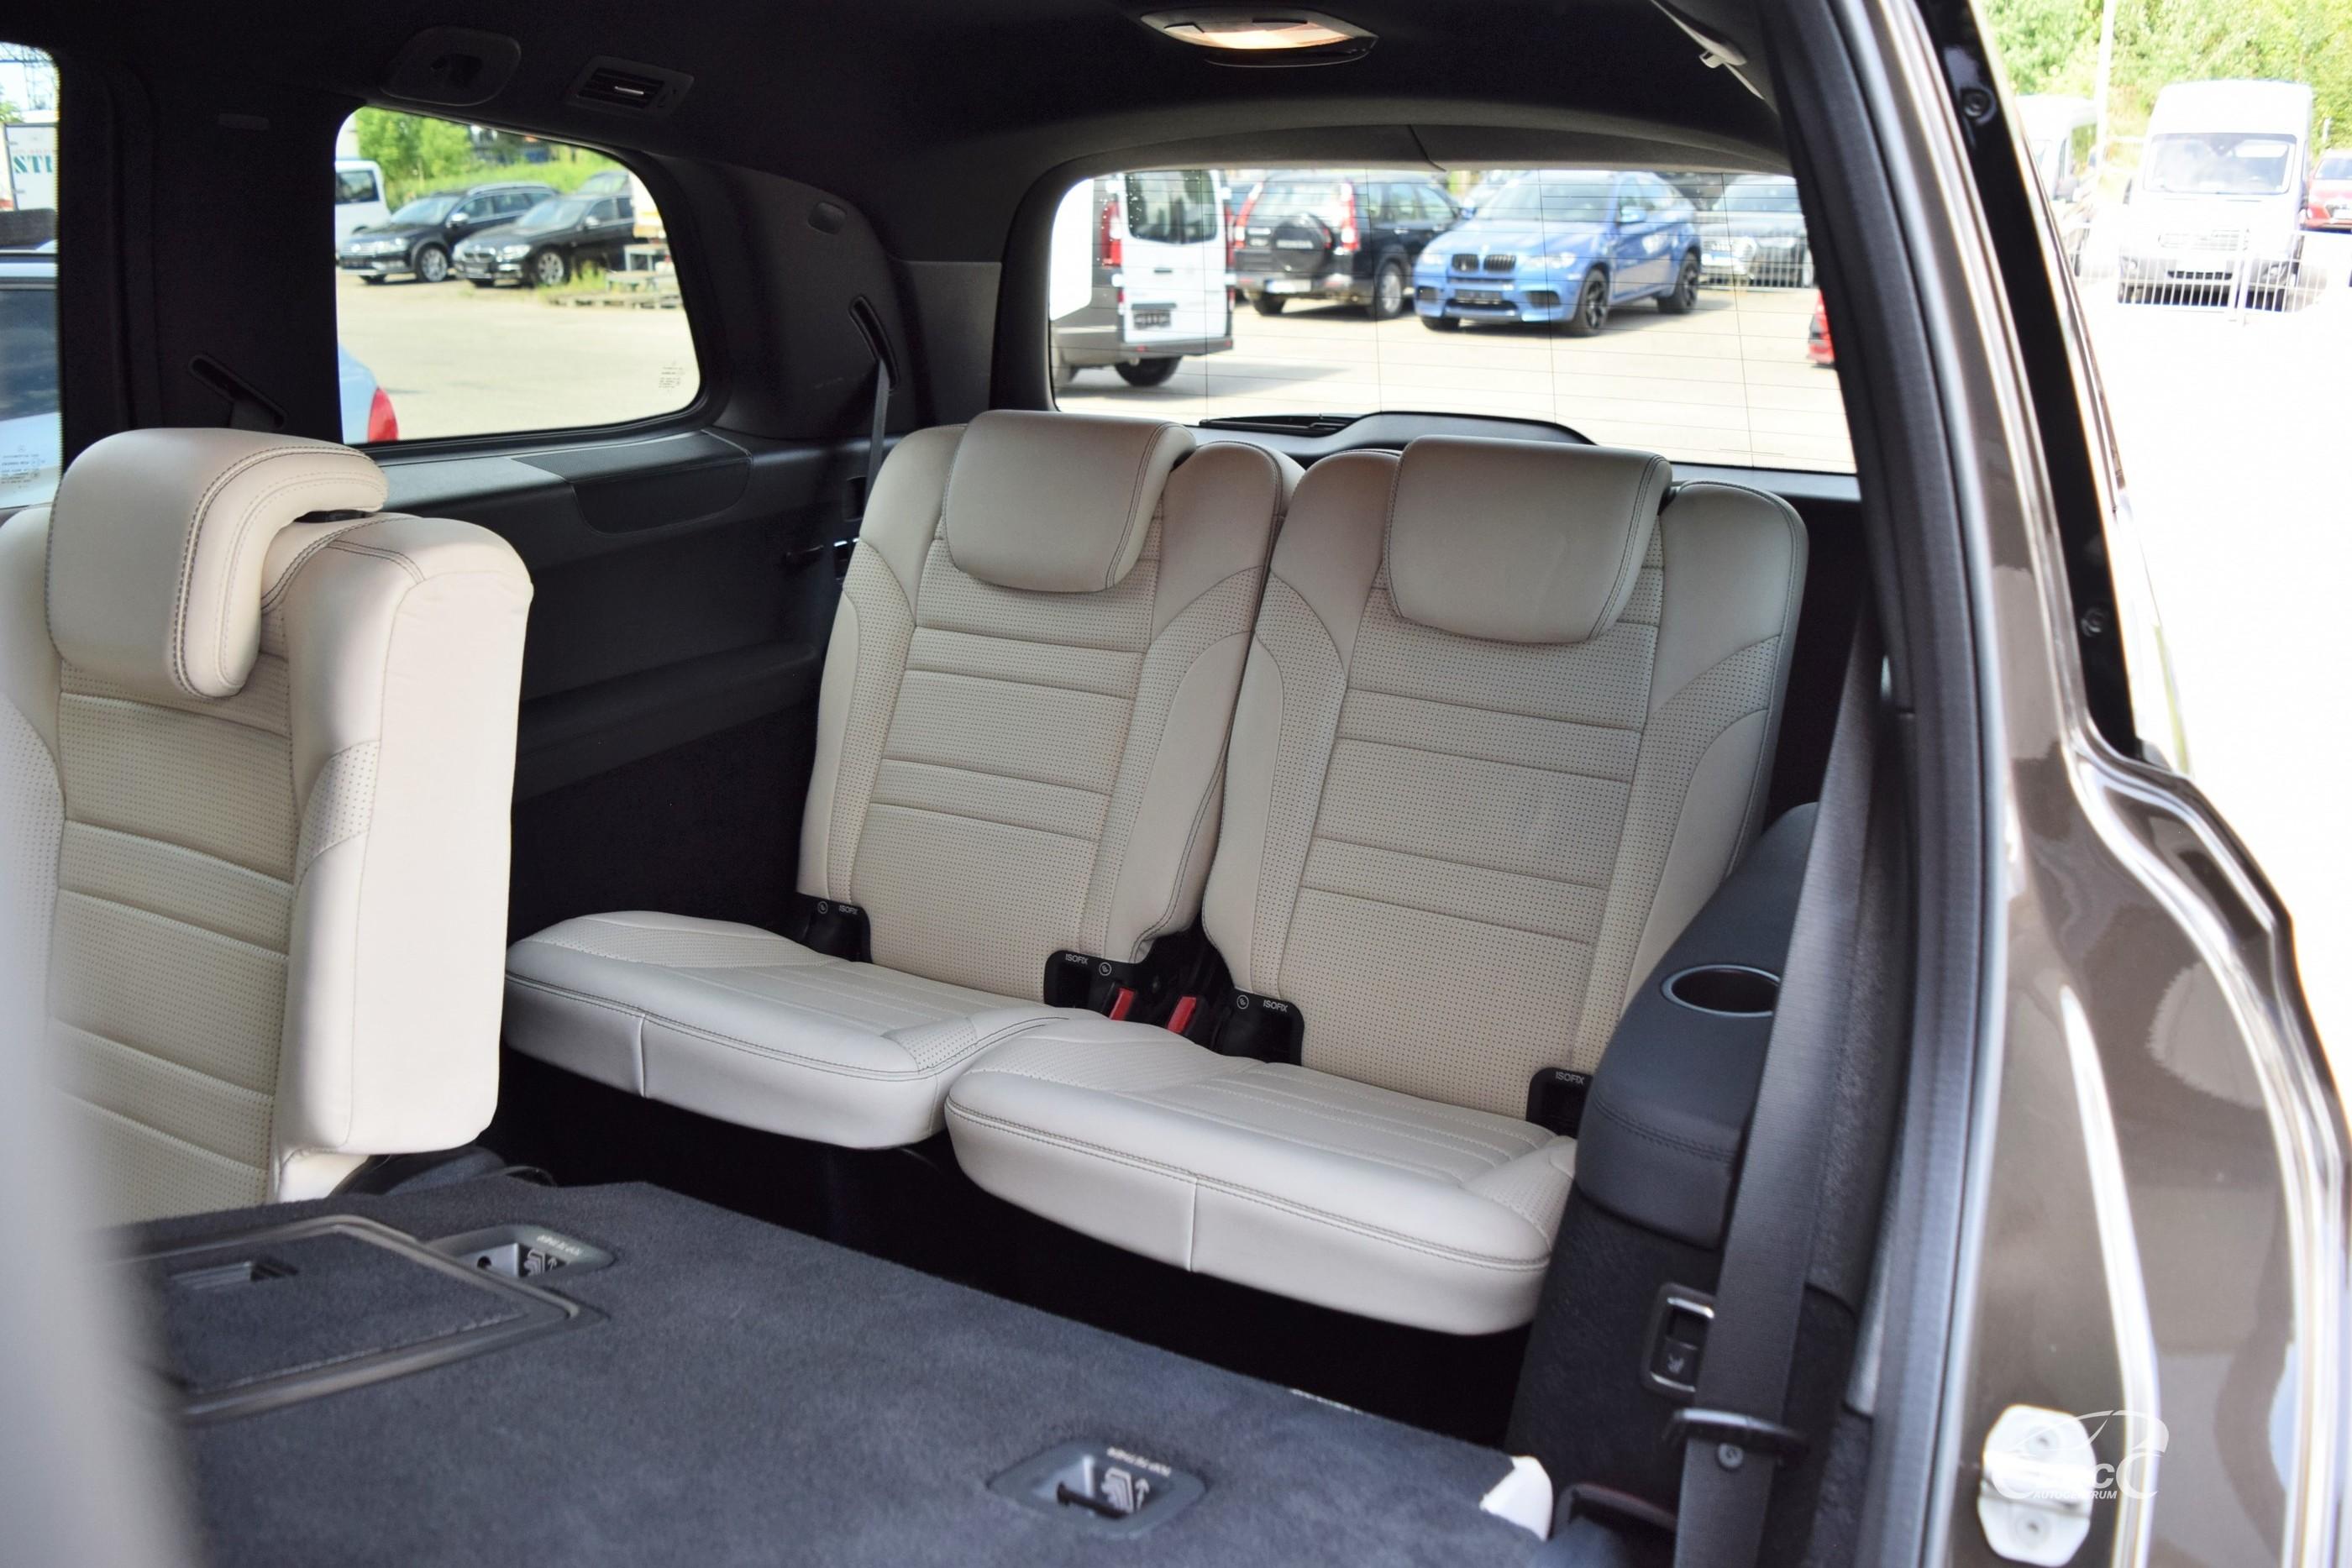 Mercedes-Benz GLS 63 AMG V8 BiTurbo 7 seats